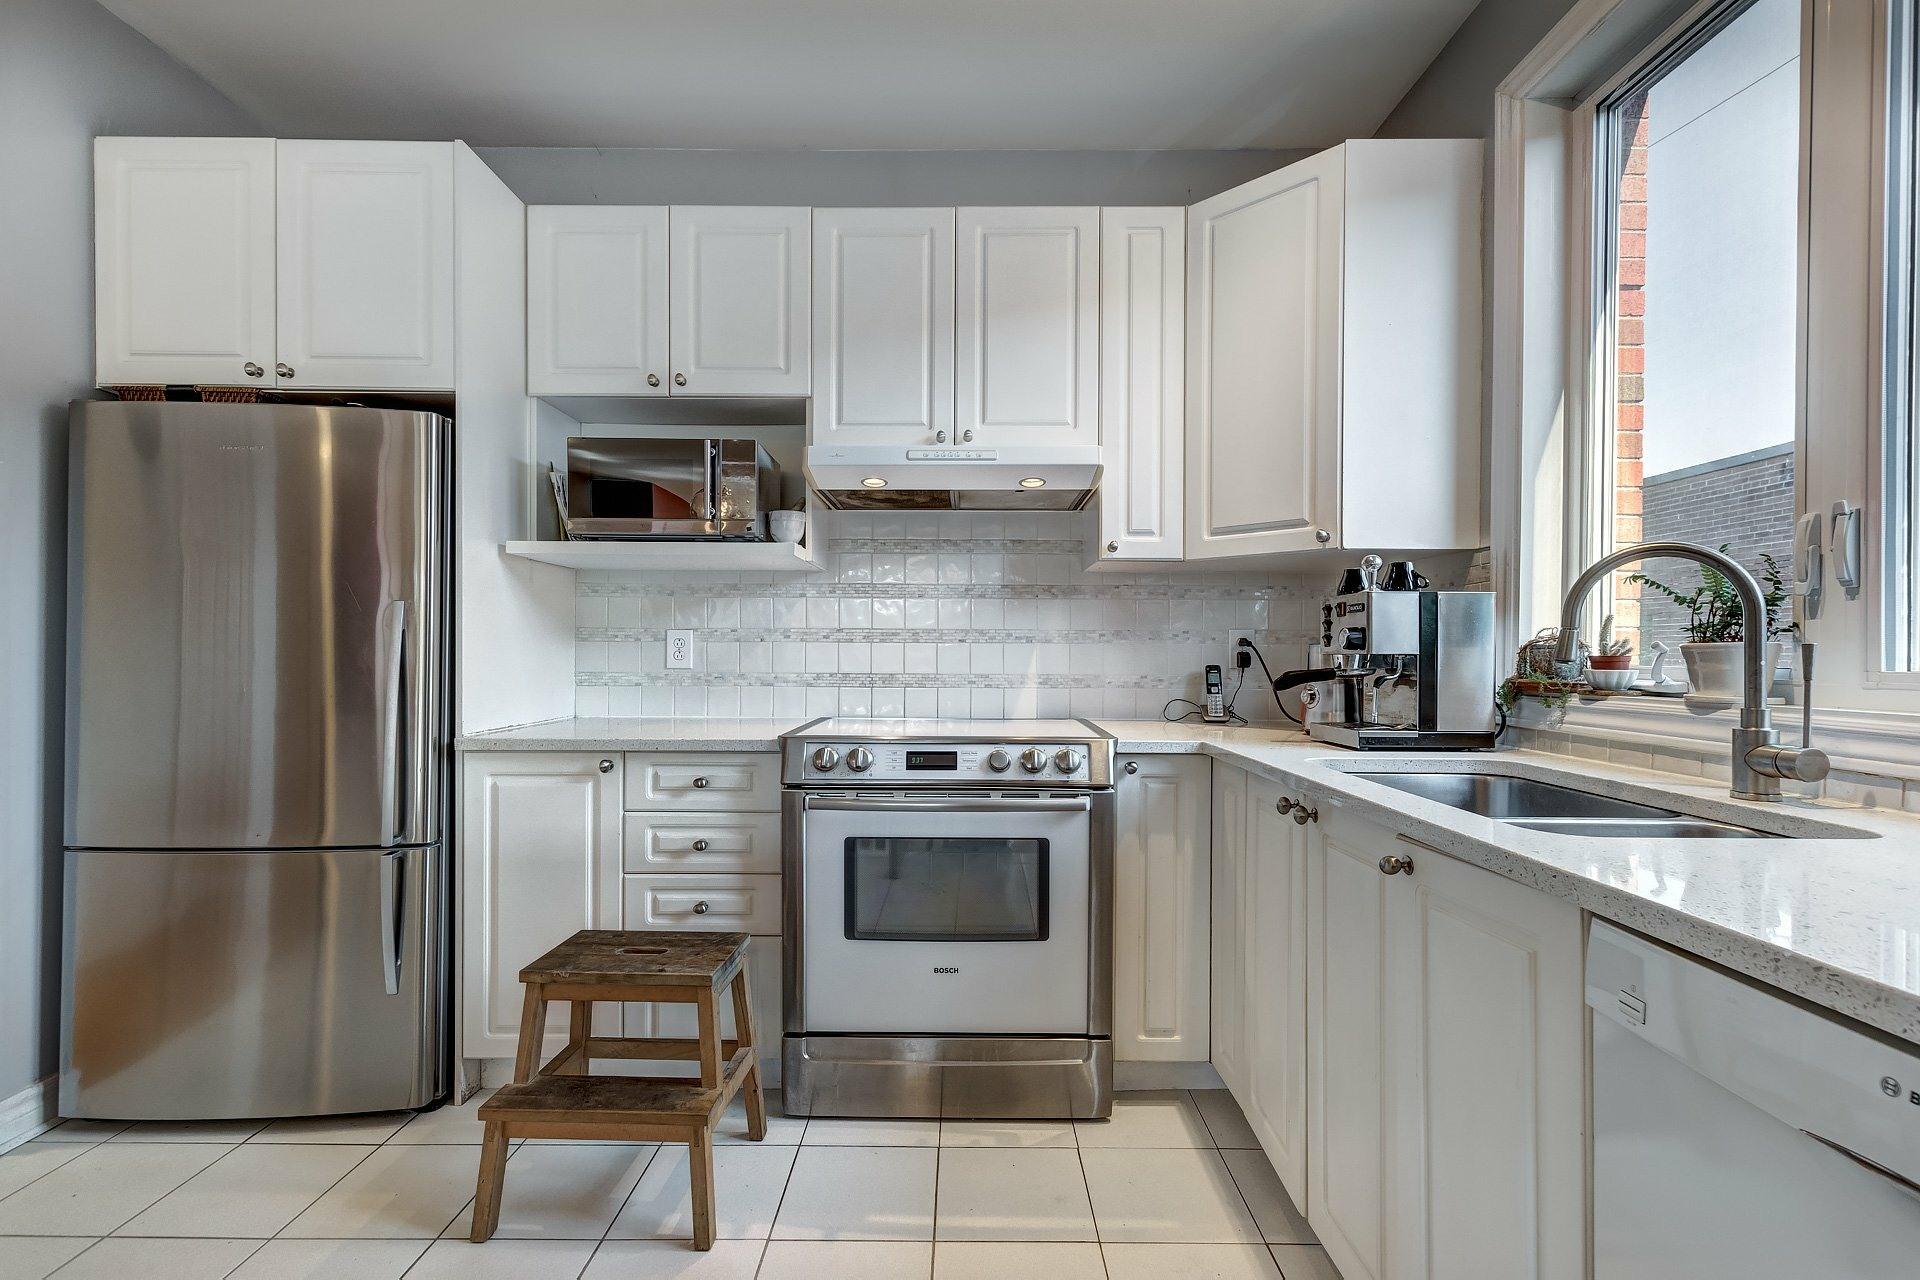 image 6 - Appartement À vendre Outremont Montréal  - 6 pièces